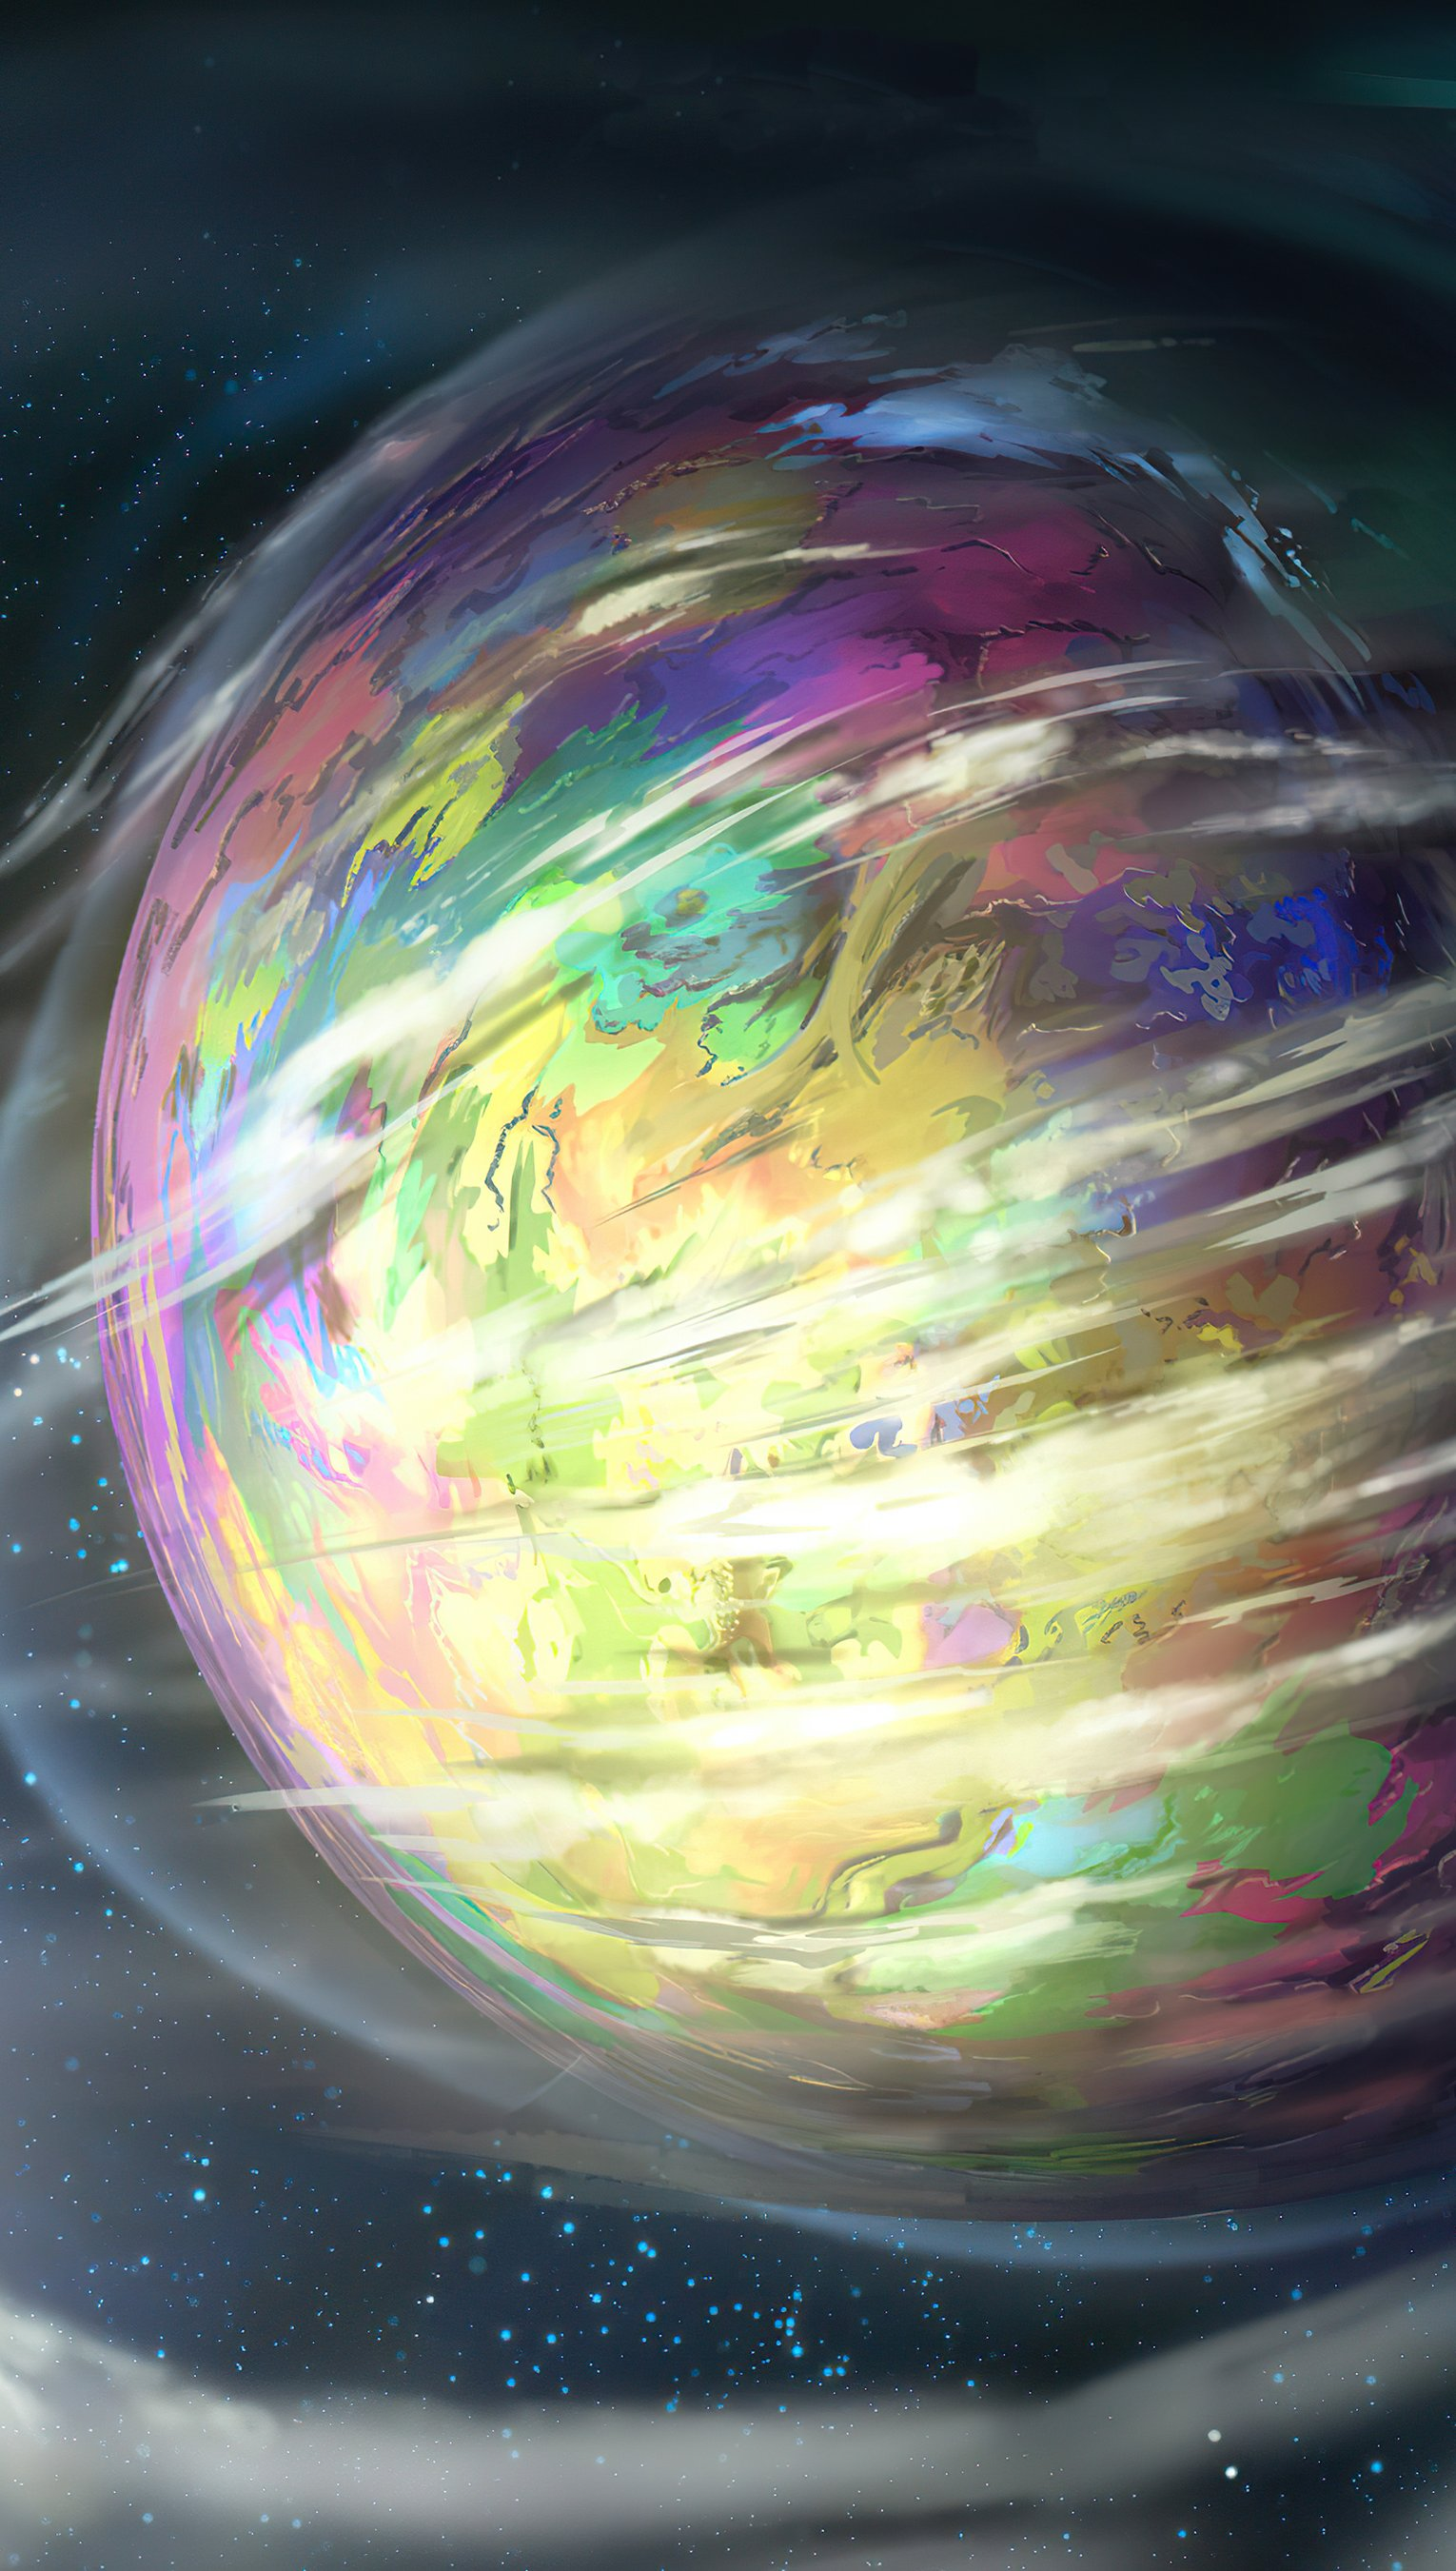 Fondos de pantalla Planeta con gases alrededor Vertical